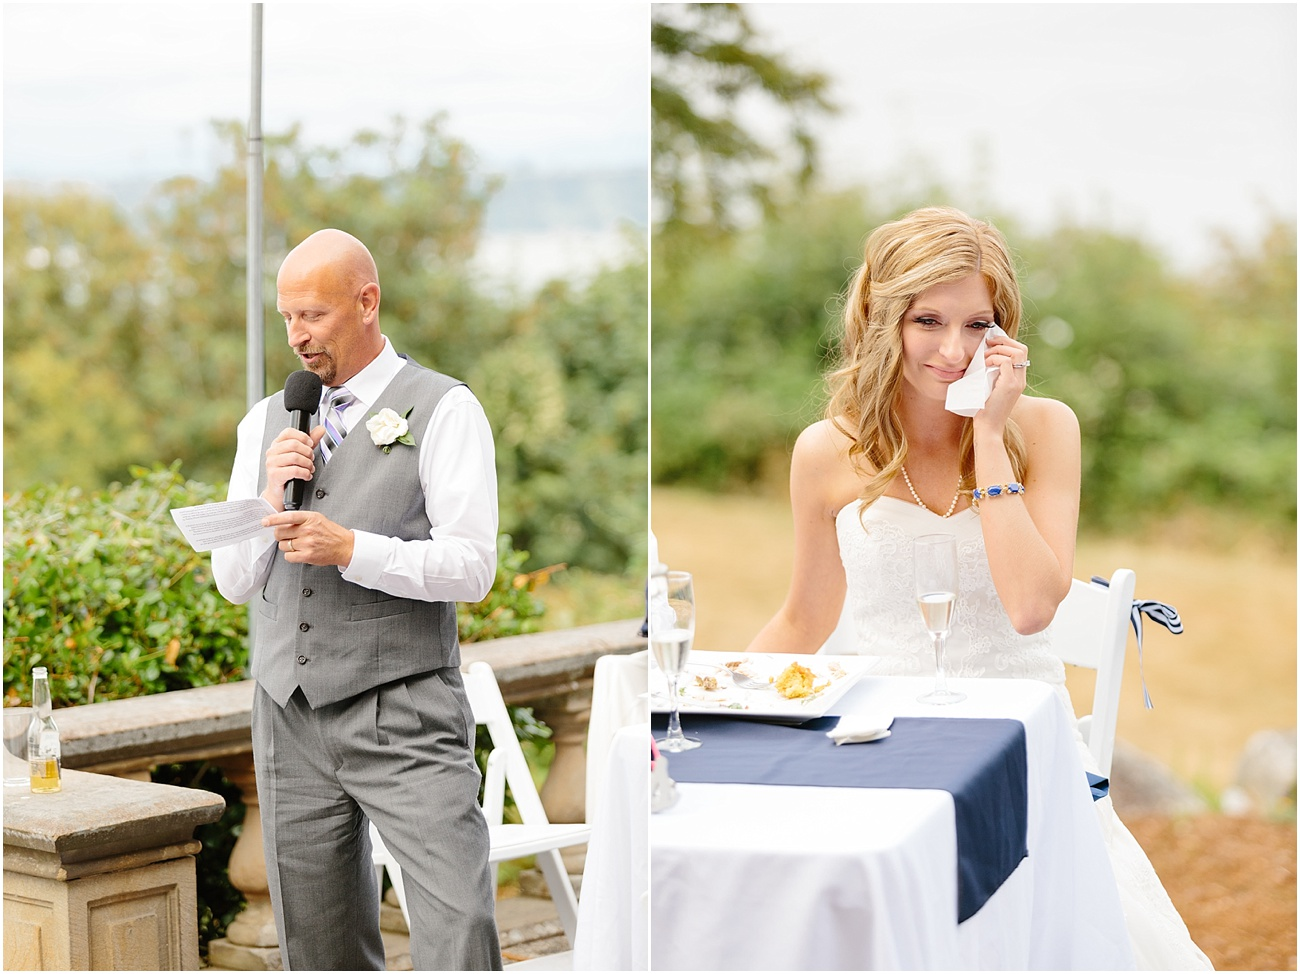 Thomas_WeyerhaeuserEstate_Tacom_Washington_Wedding_0121